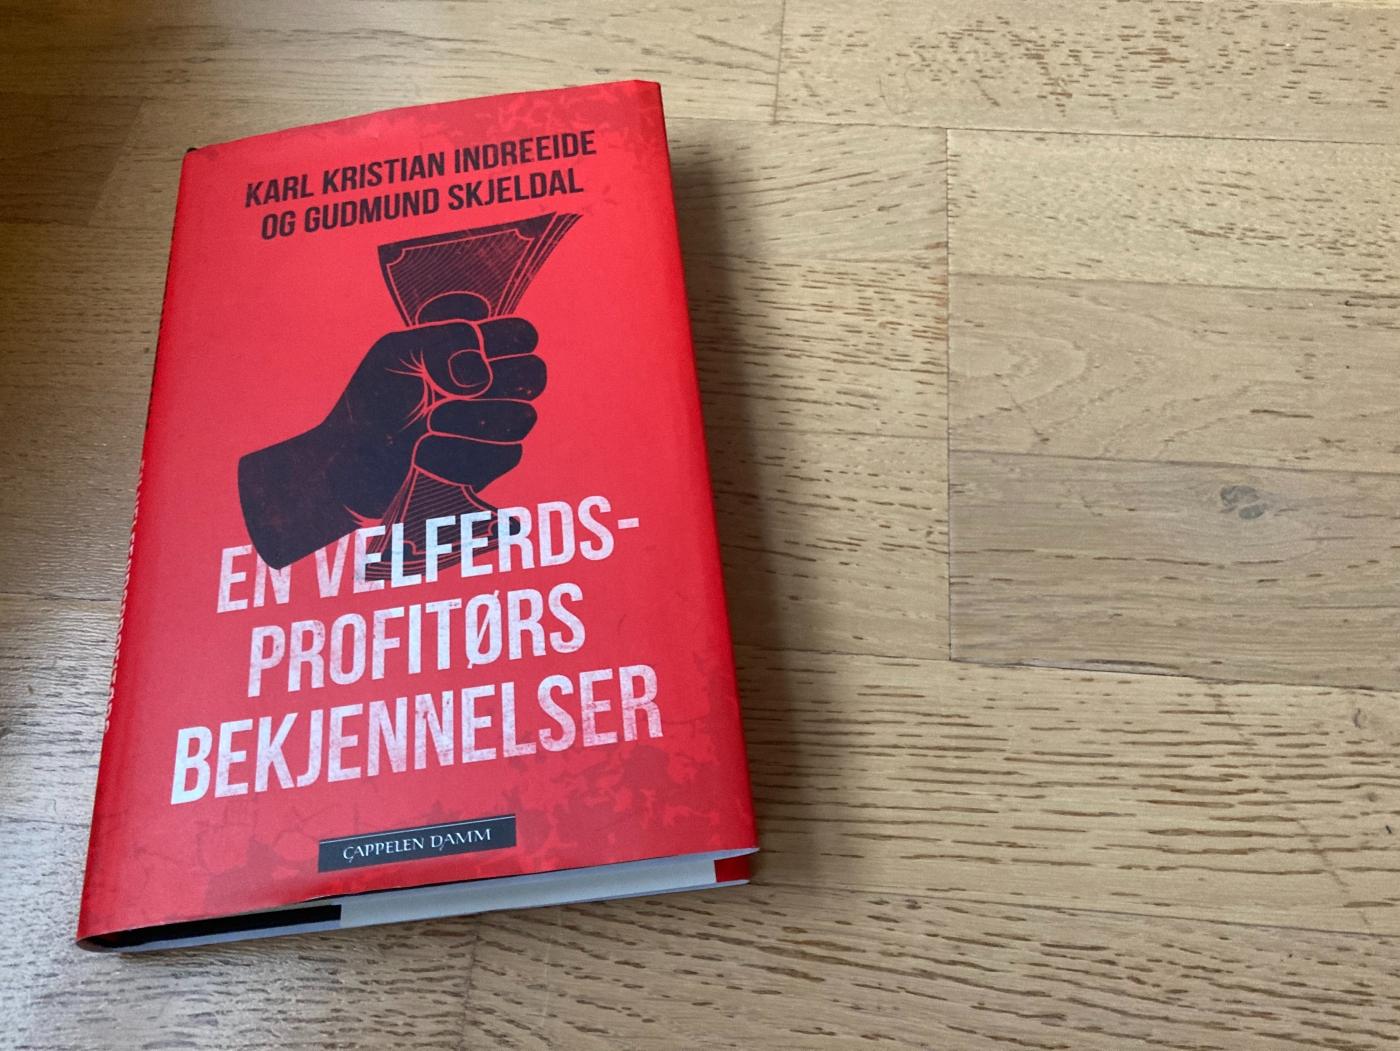 """Bilde av forsiden til boken """"En velferdsprofitørs bekjennelser"""" av Indreeide og Skjeldal"""